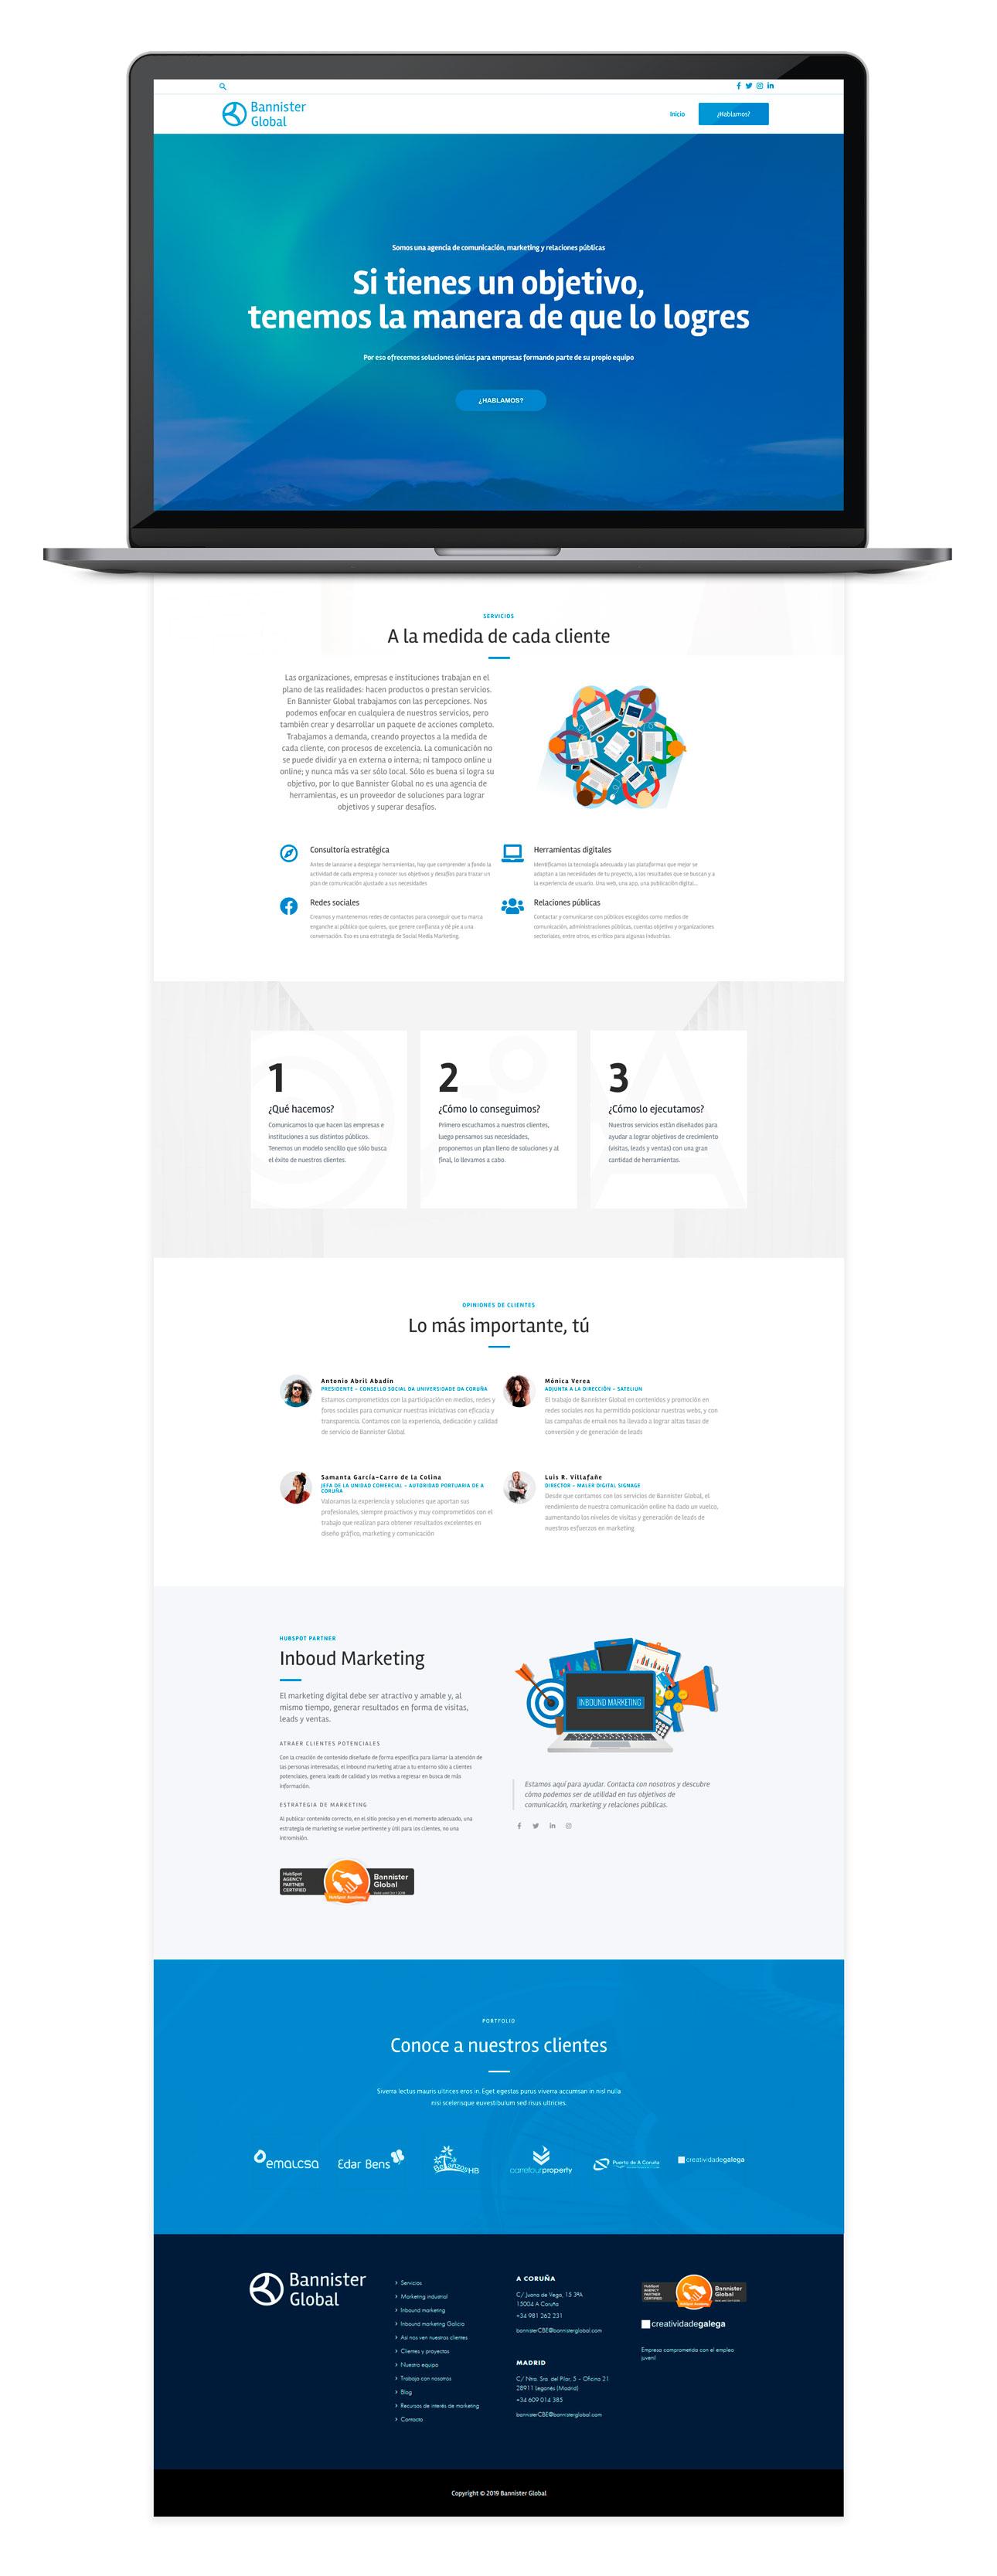 Mockup Web Bannister Global 2019